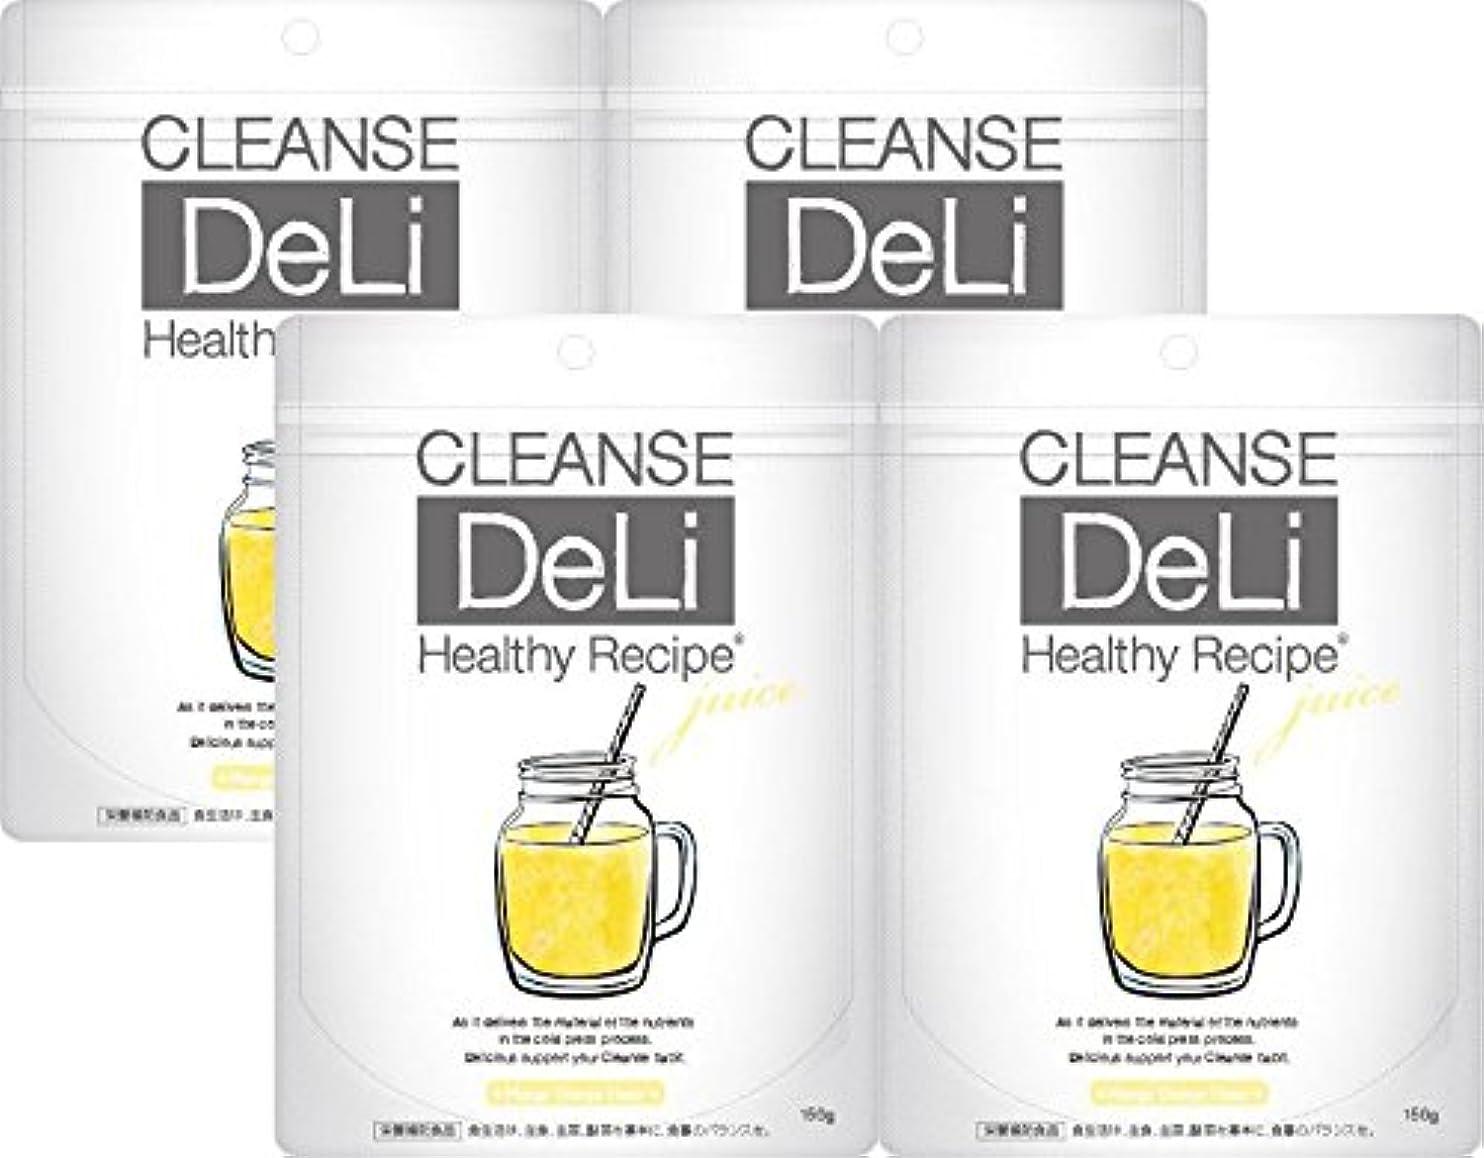 味わう移植導体【4個セット】クレンズデリ ヘルシーレシピ マンゴーオレンジ 150g